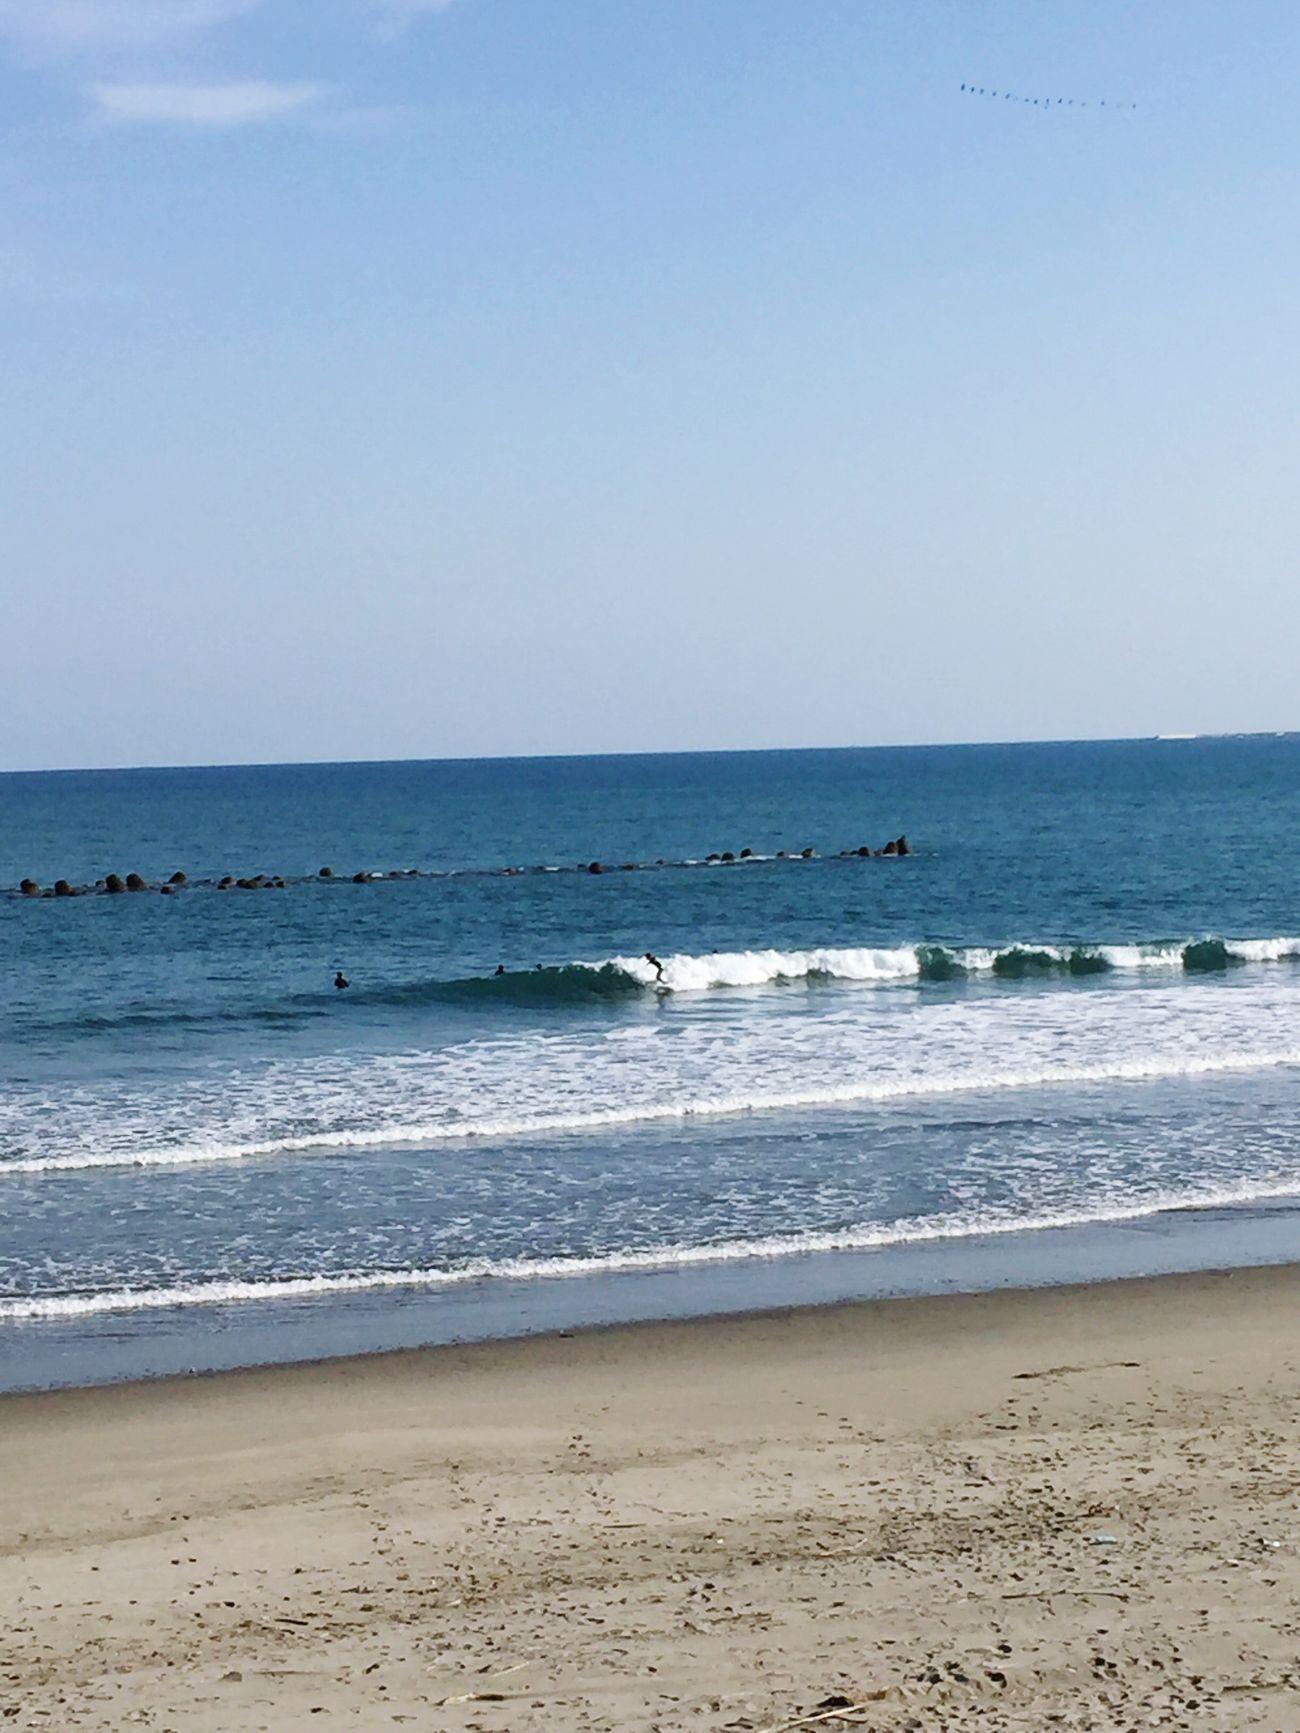 今日の波乗り😁✨☀️☀️☀️✨ Sea 波乗り サーフィン 青空の下 Fun Times 空を見上げる 自然に感謝 Water Beach Clear Sky Beauty In Nature Scenics Nature Outdoors Sky Wave Tranquility No People Sand Day